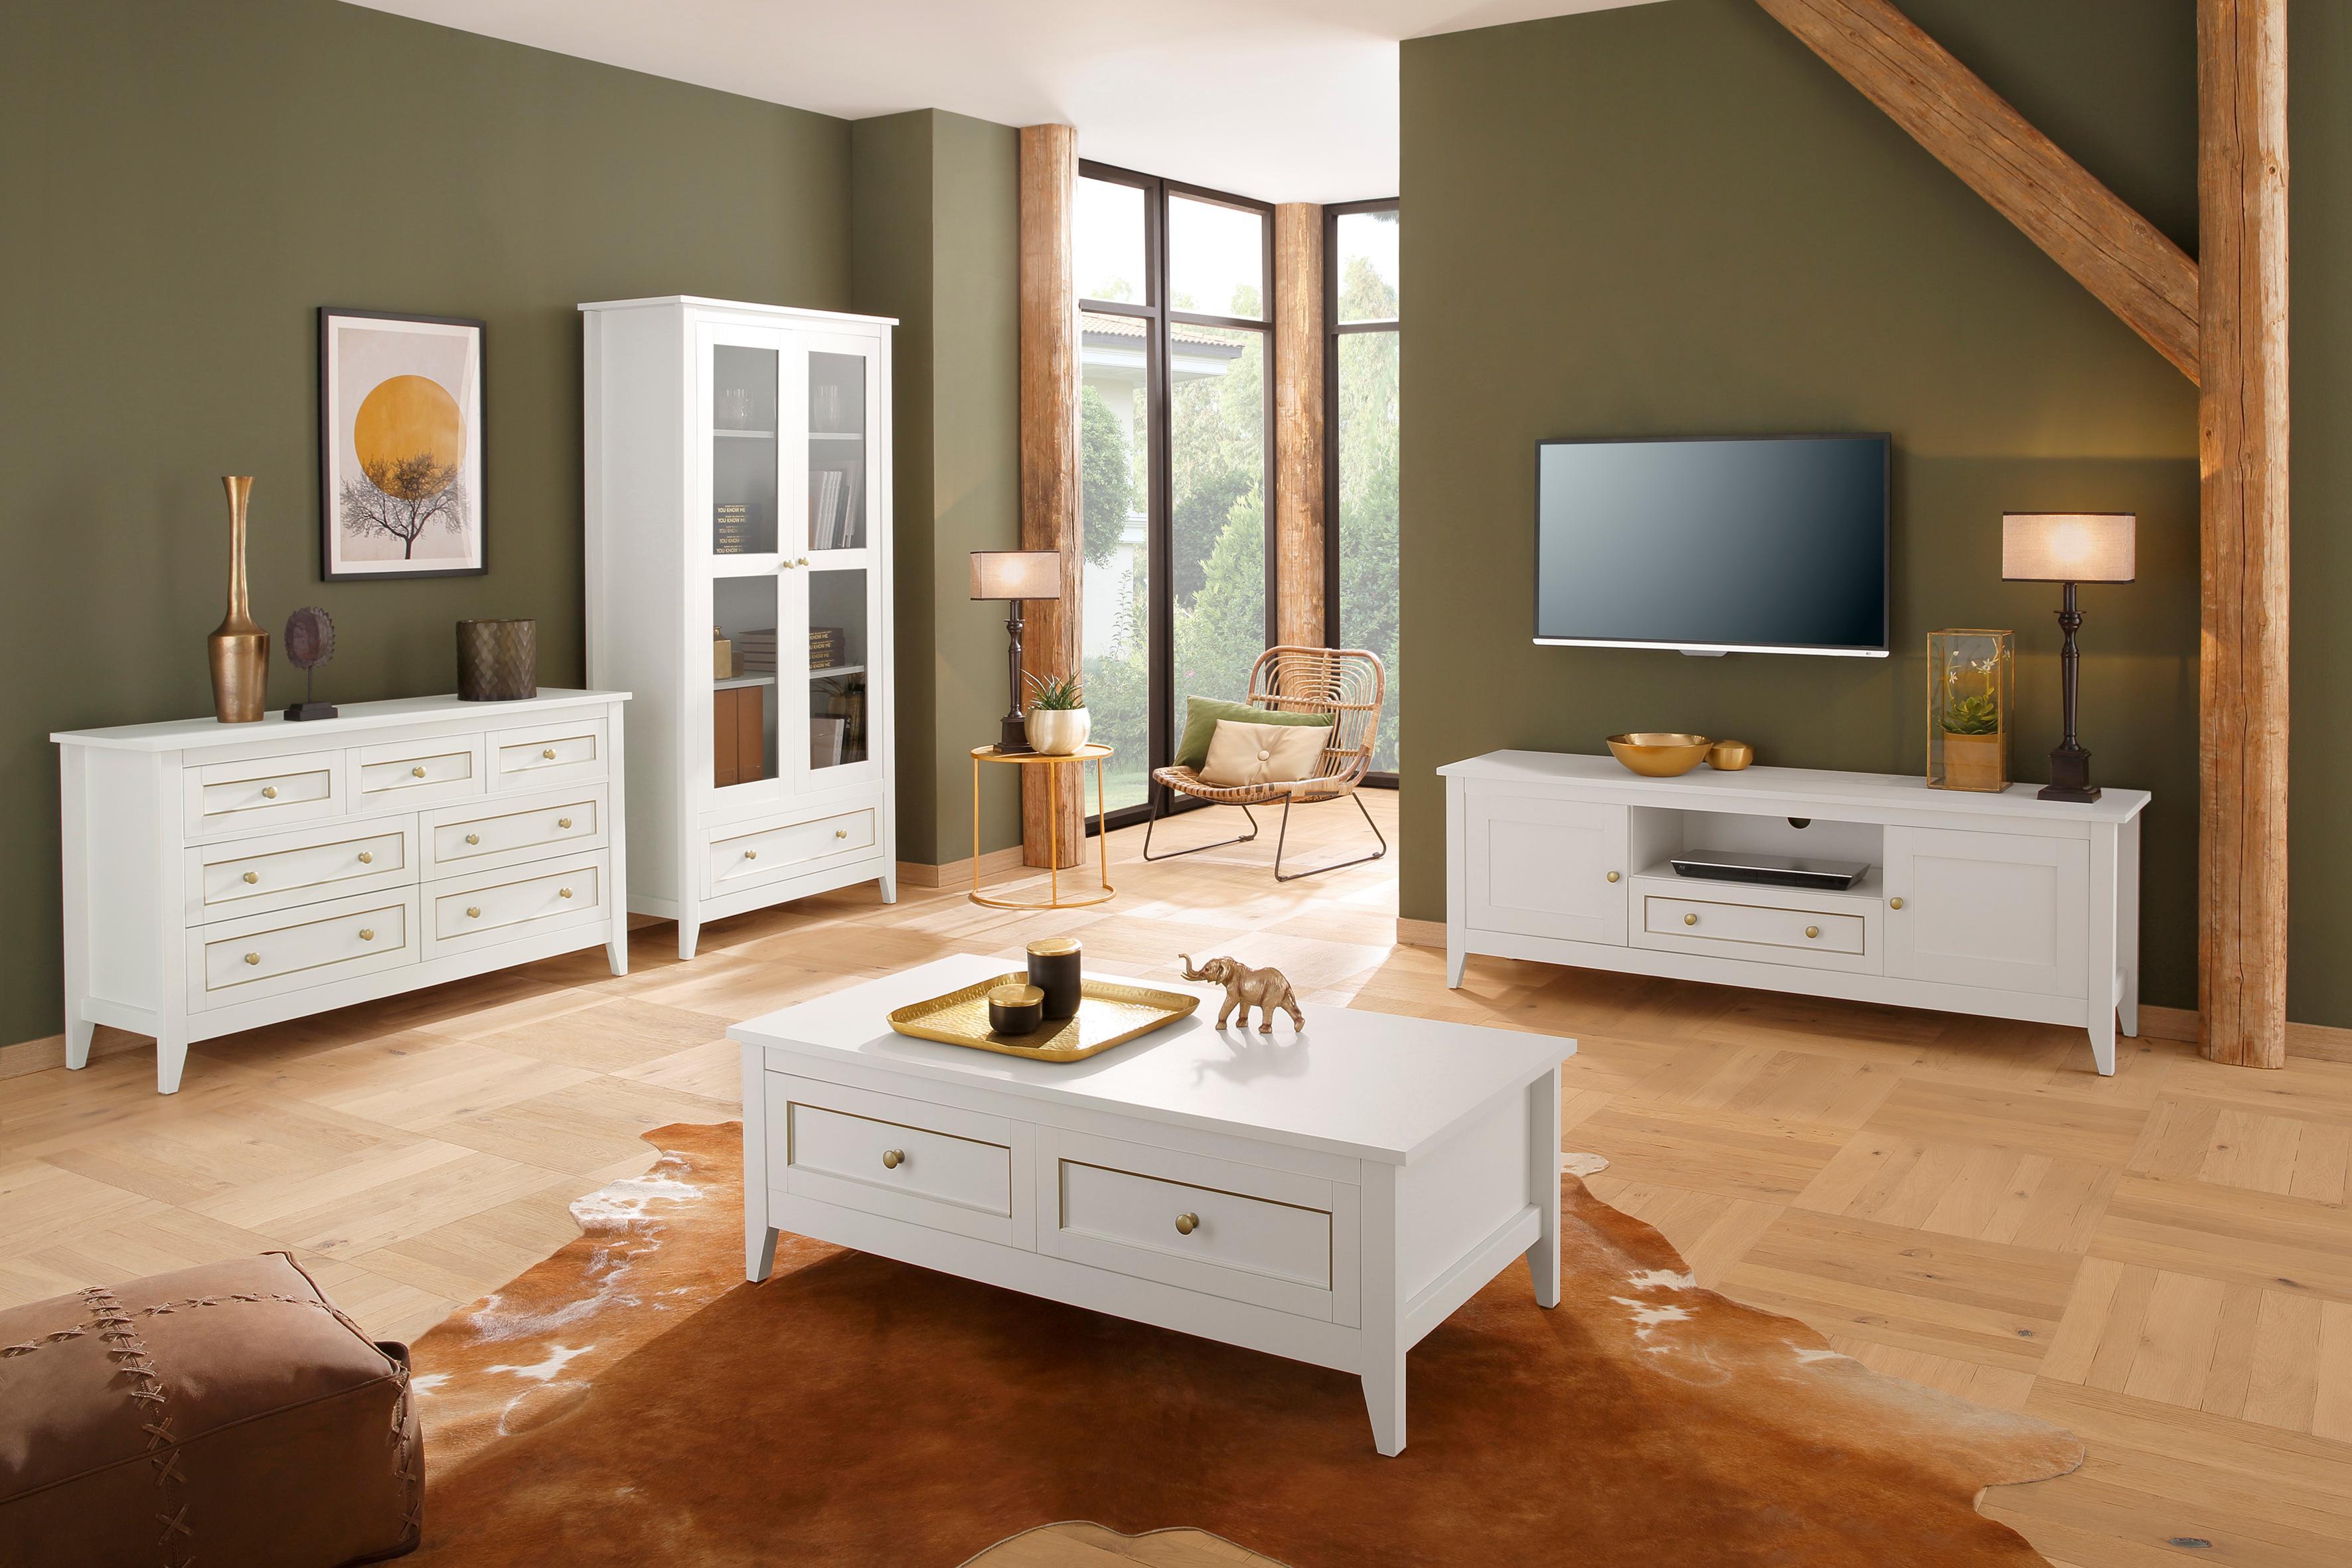 Home affaire Kommode Victoria 3 kleine und 4 große Schubladen mit schöner goldener Umrandung Breite 131 cm